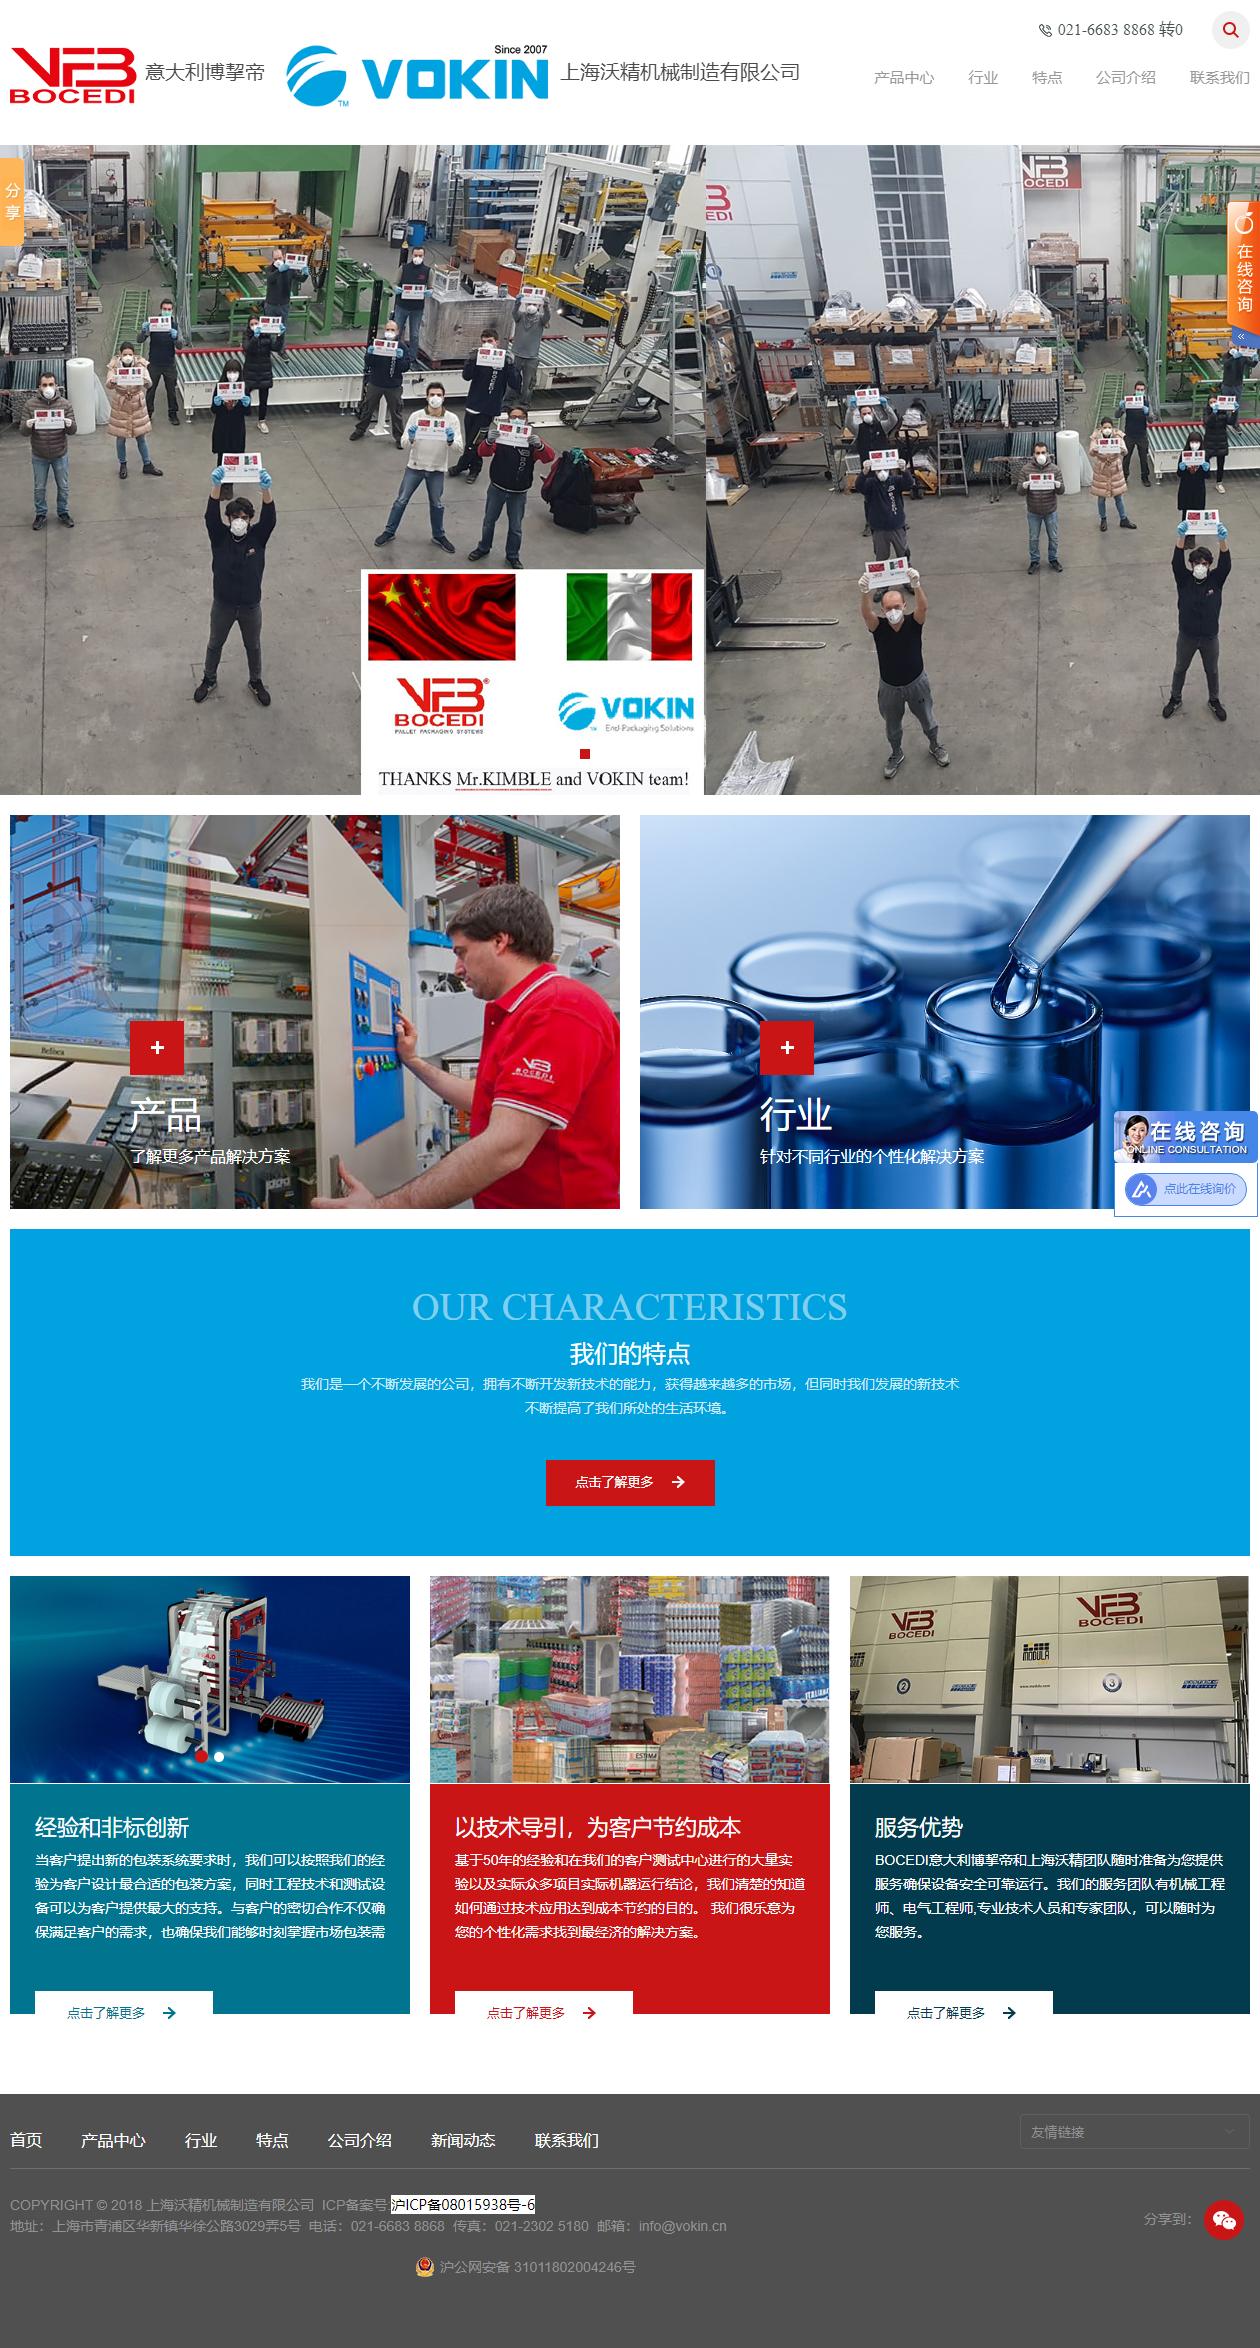 上海沃精机械制造有限公司网站案例